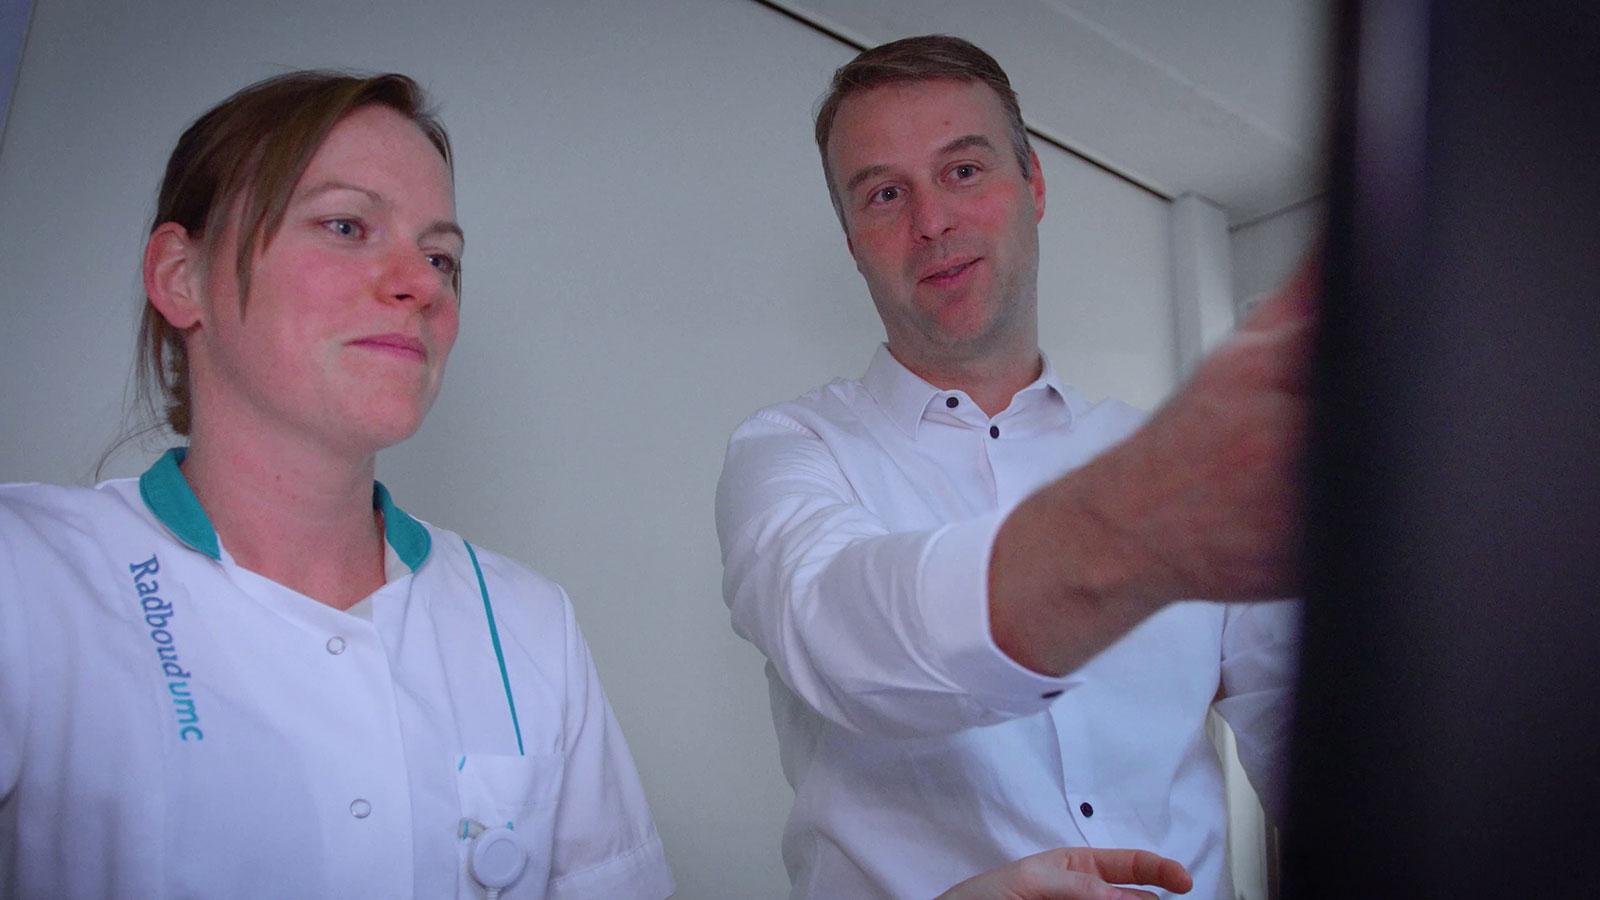 filmproductiebedrijf Artsen-in-ziekenhuis-instructie-video-product-video-zorg-welzijn-